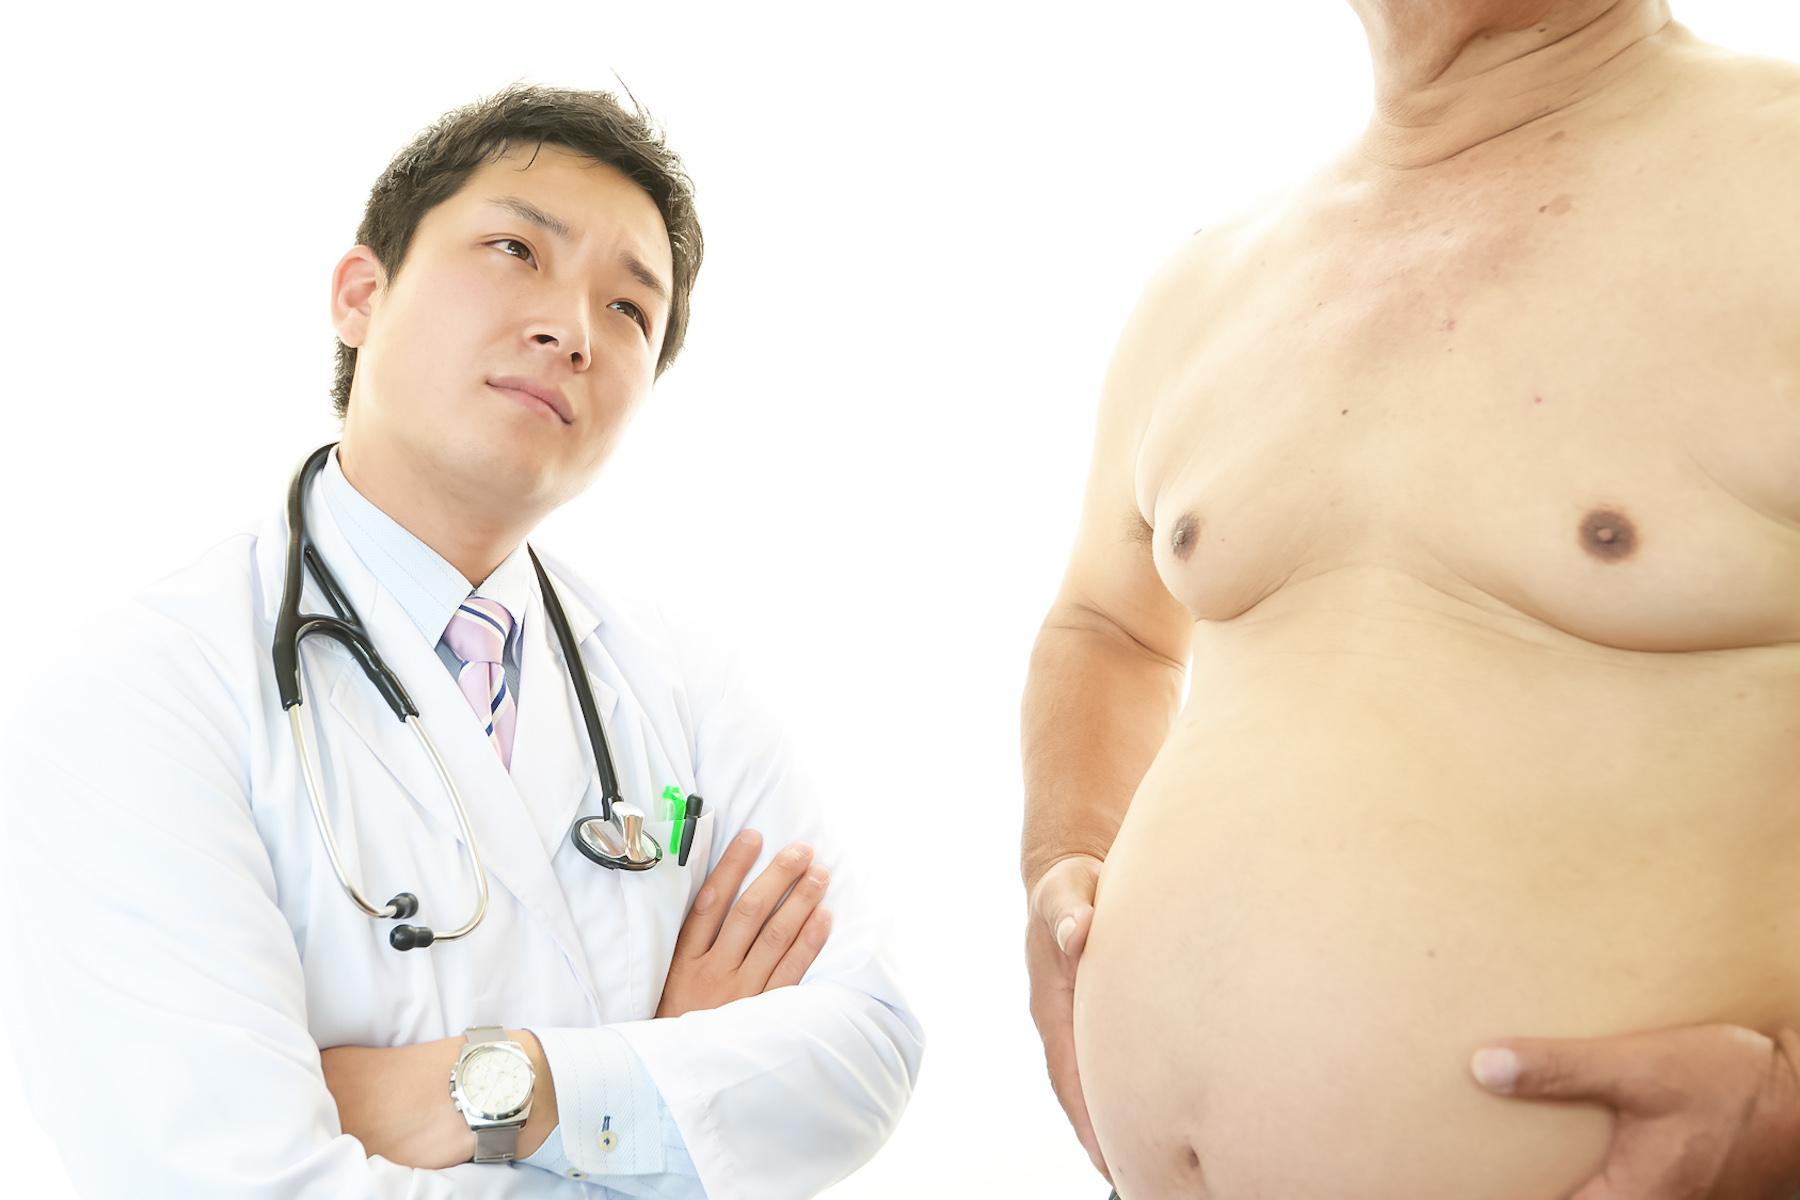 ο γιατρός είναι κατάλληλος να αποφασίσει ποια επέμβαση χρειάζεστε